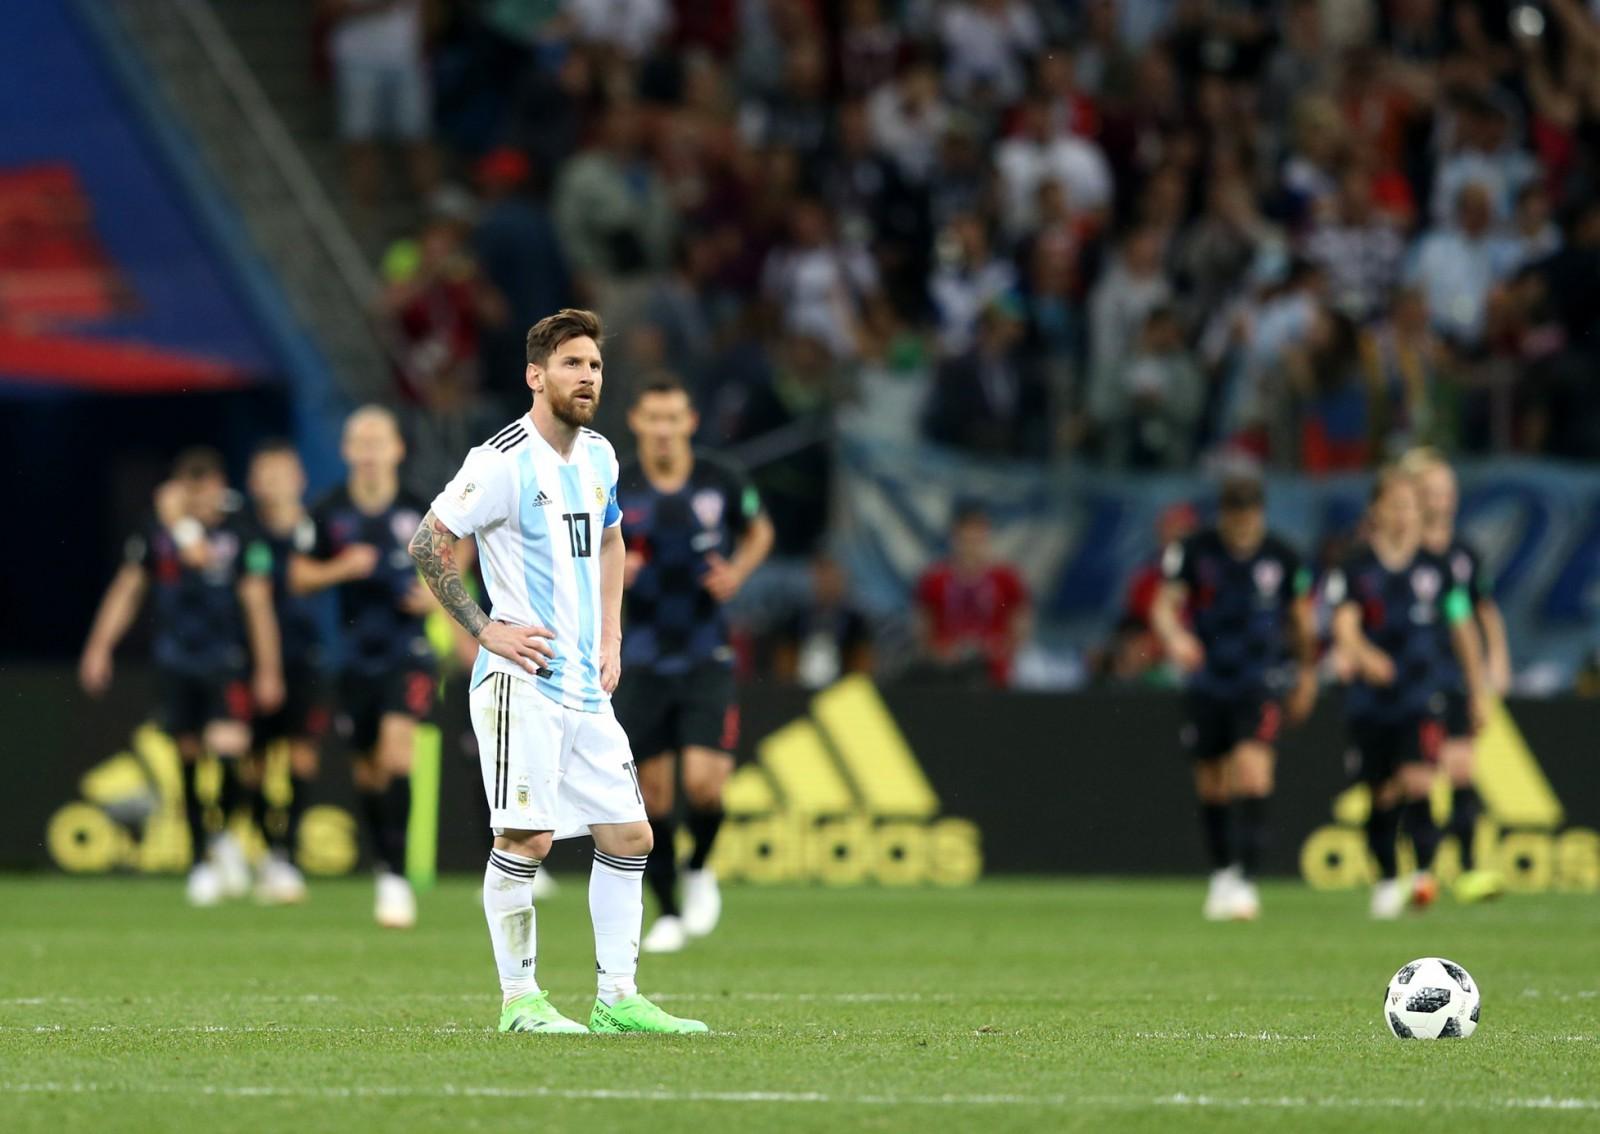 Argentina 0-3 Croația: Vicecampioana mondială a fost umilită de croați și este practic eliminată din competiție